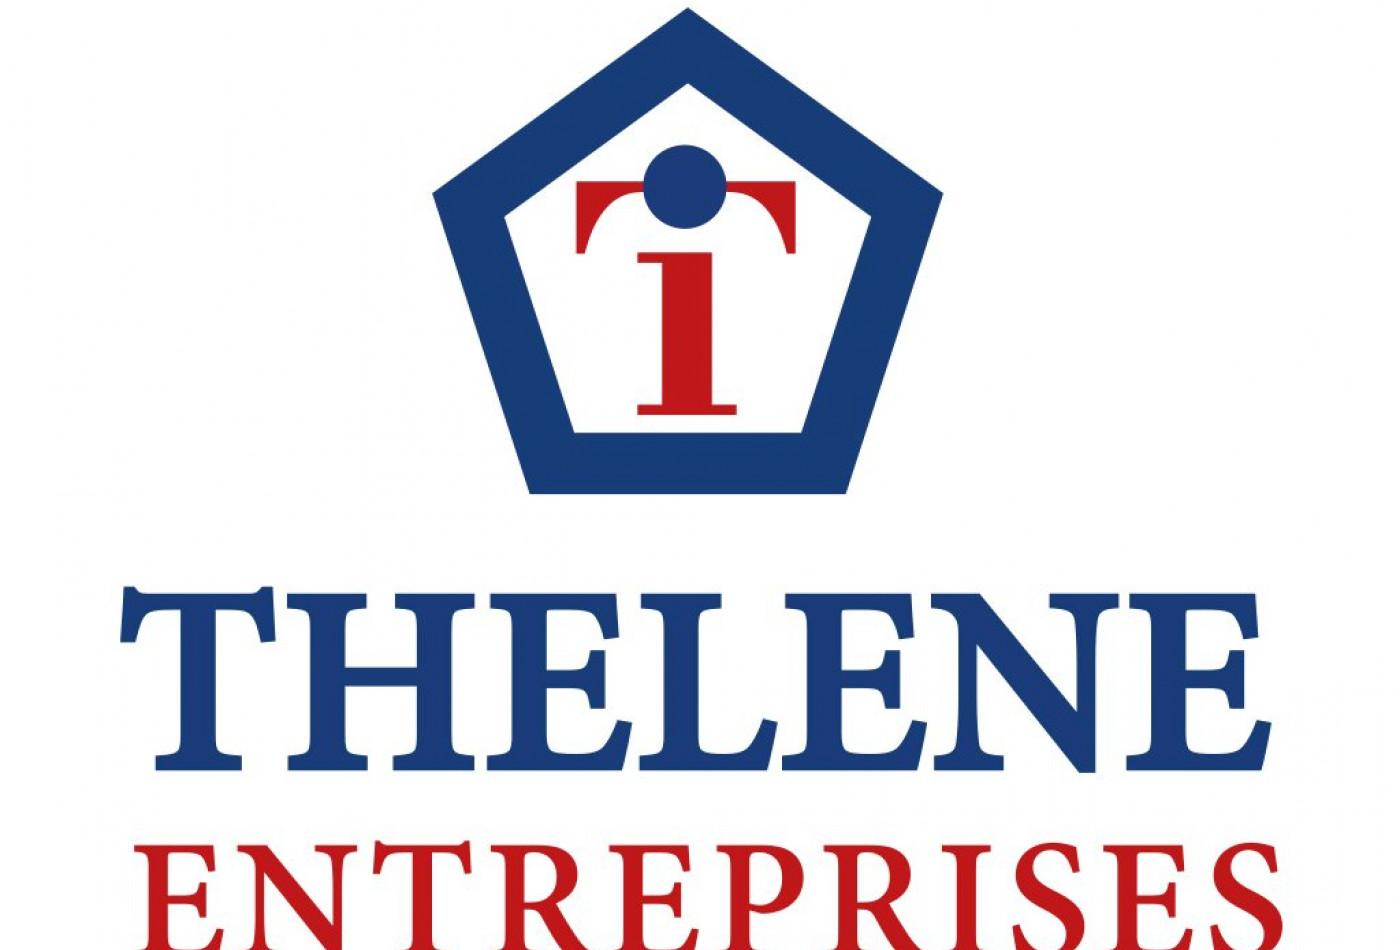 A vendre  Montpellier | Réf 3448216441 - Immobilier entreprises